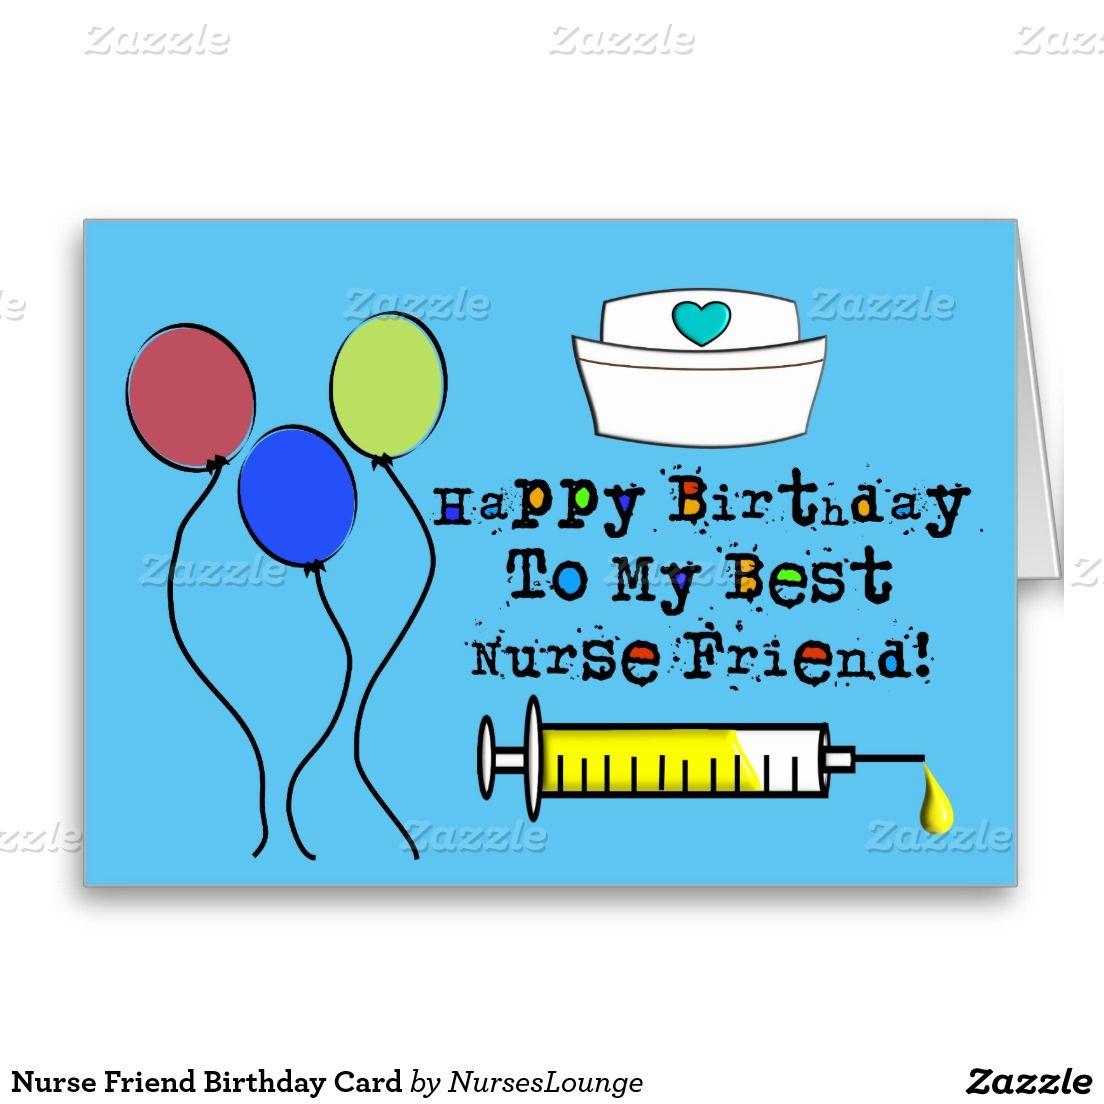 Nurse Friend Birthday Card